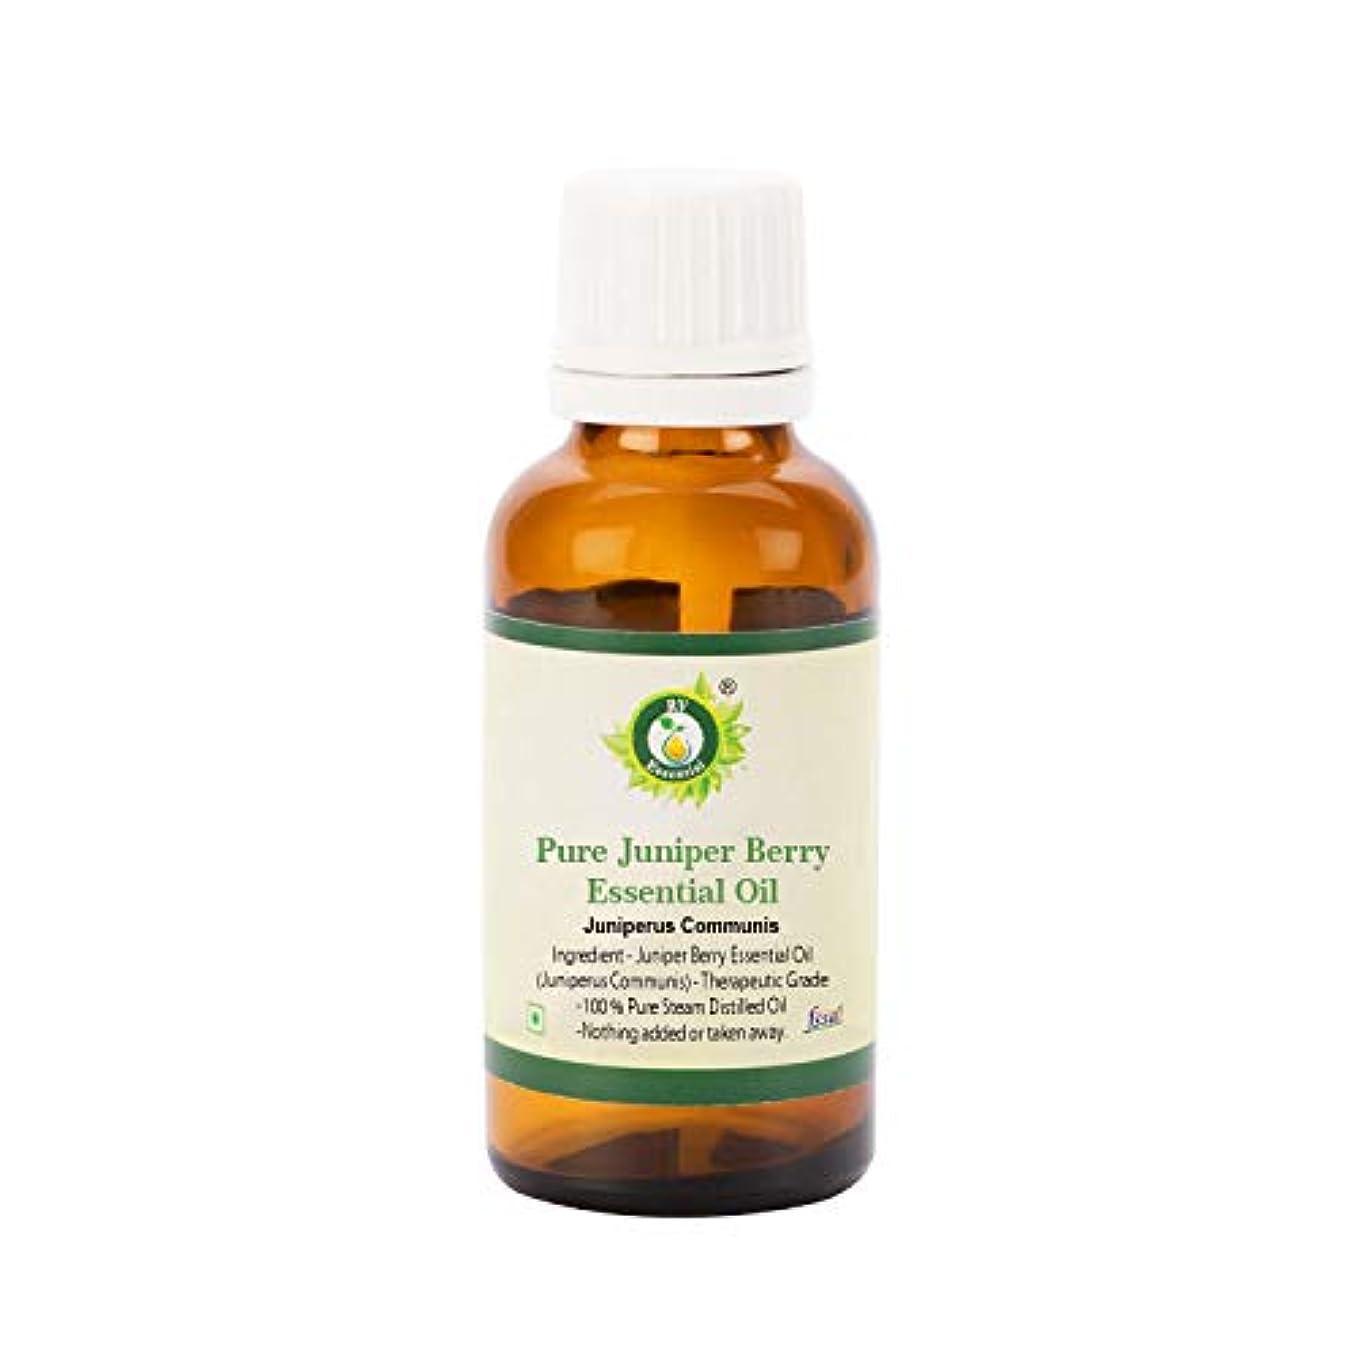 タイヤ魅了するむしろR V Essential ピュアジュニパーベリーエッセンシャルオイル100ml (3.38oz)- Juniperus Communis (100%純粋&天然スチームDistilled) Pure Juniper Berry...